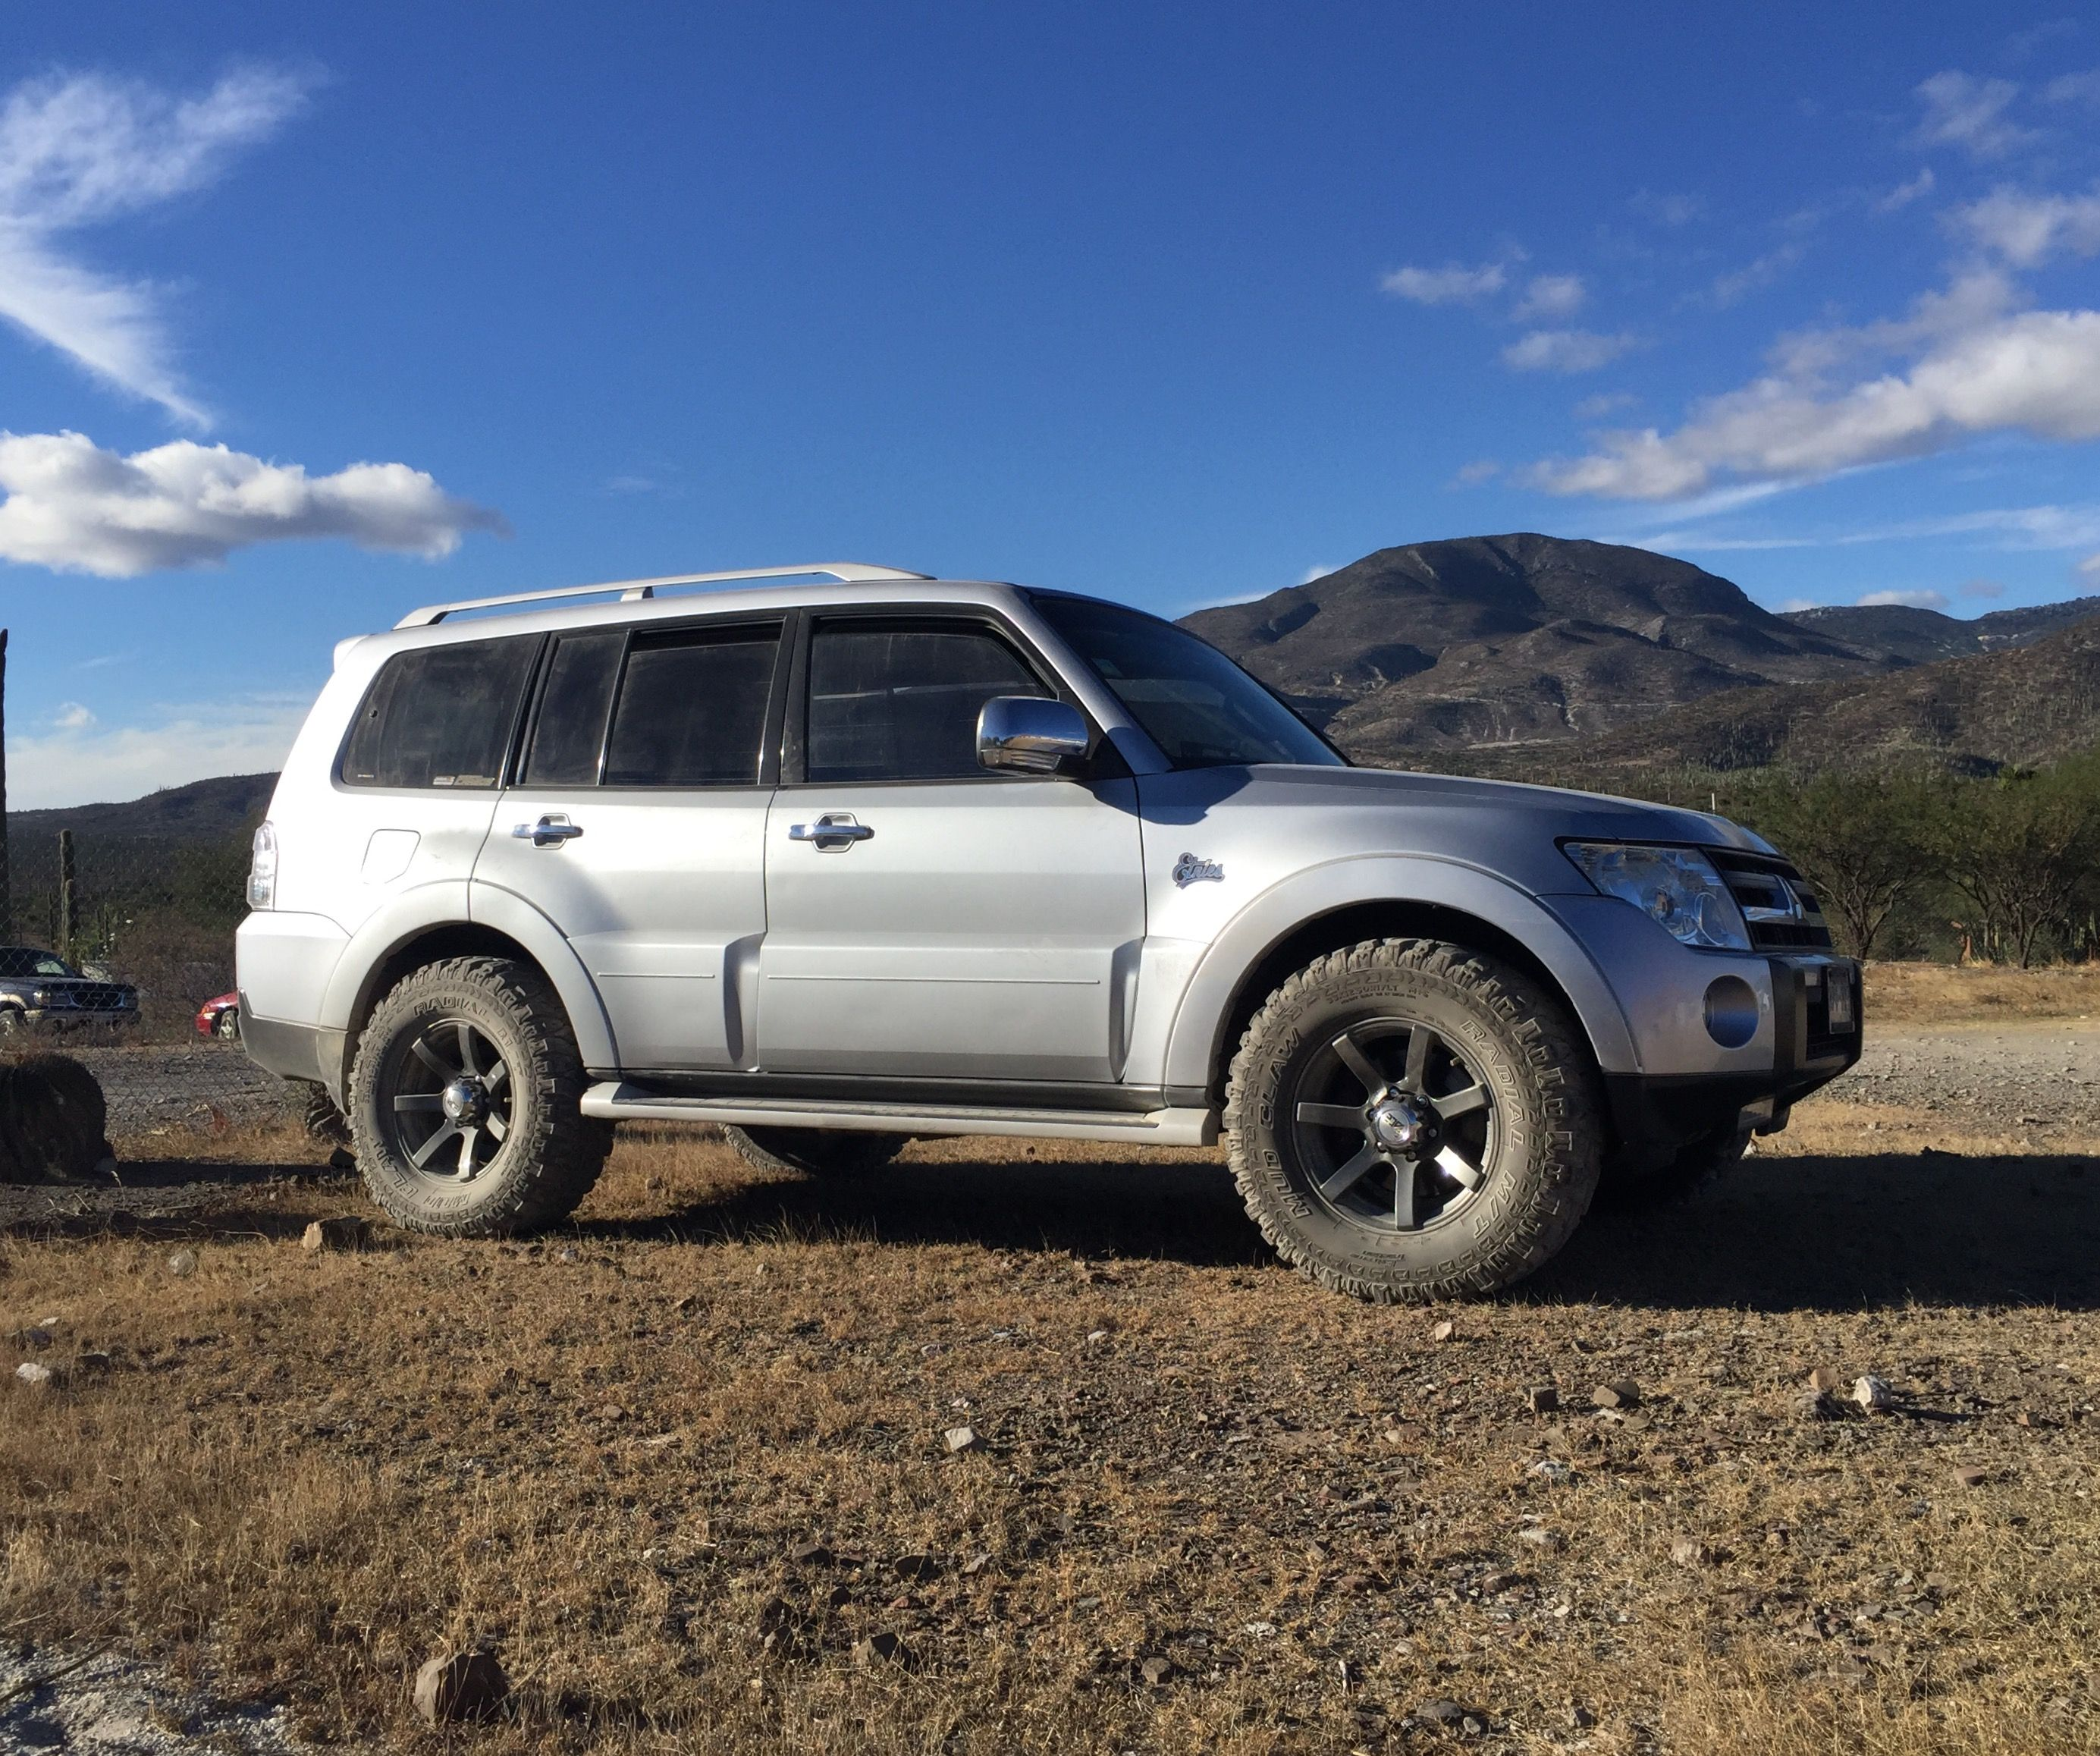 vehicles sale advert nativa living sport urgent qatar for mitsubishi img montero